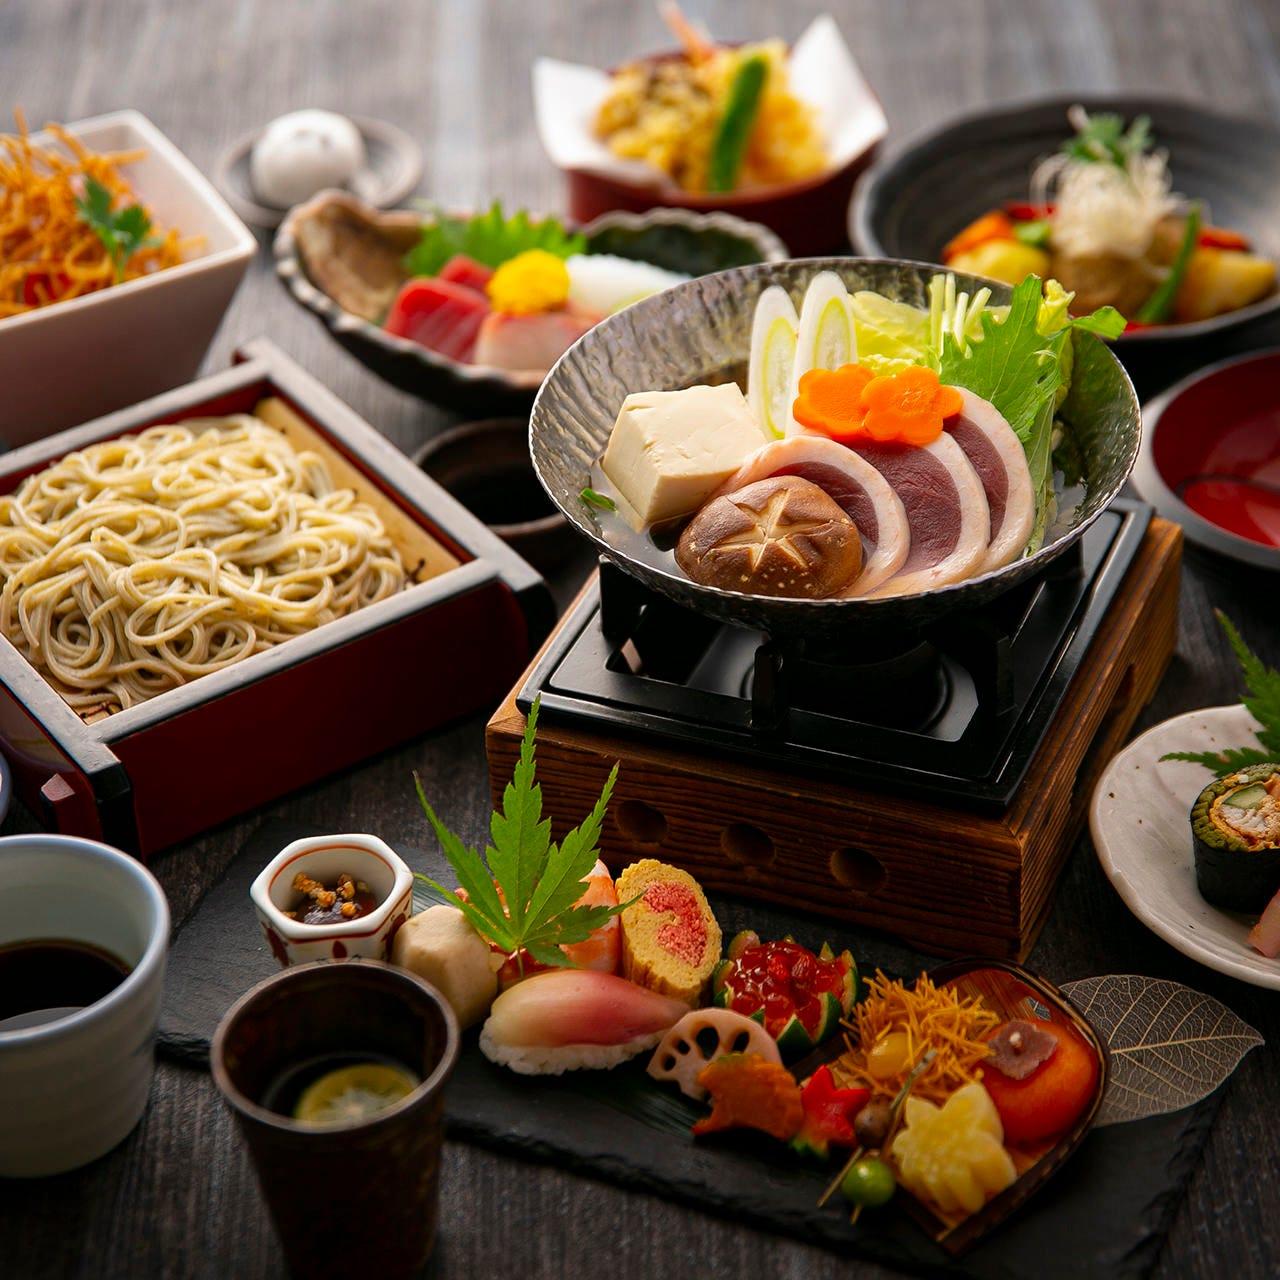 季節の懐石料理が楽しめる懐石蕎麦コースが人気!